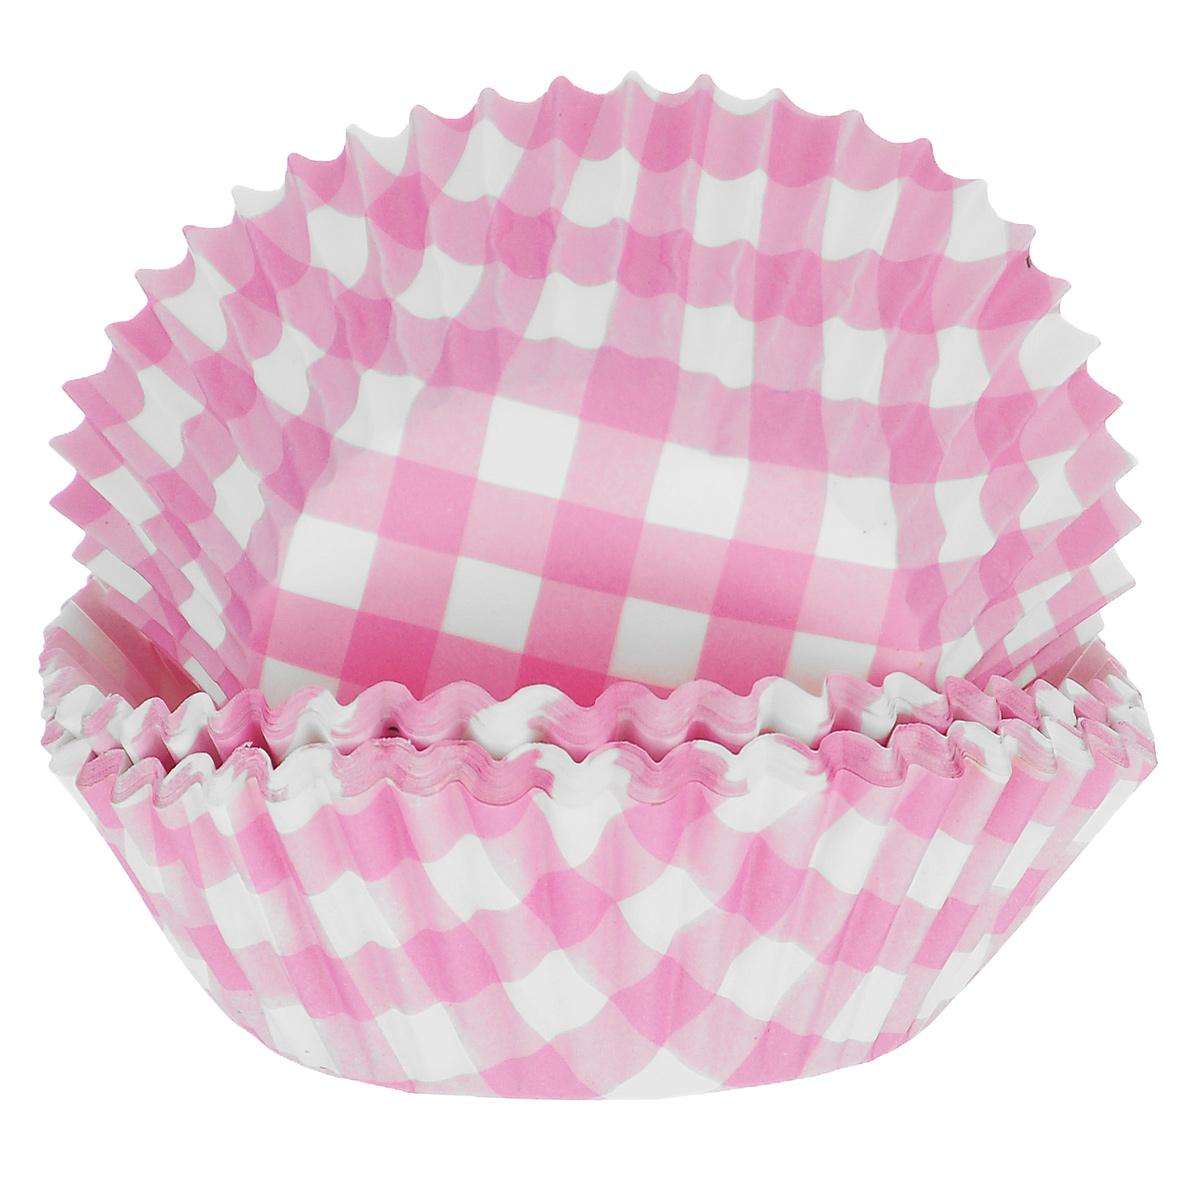 Набор бумажных форм для кексов Dolce Arti Клетка, цвет: розовый, диаметр 5 см, 50 штDA080206Набор Dolce Arti Клетка состоит из 50 бумажных форм для кексов, оформленных принтом в клетку. Они предназначены для выпечки и упаковки кондитерских изделий, также могут использоваться для сервировки орешков, конфет и много другого. Для одноразового применения. Гофрированные бумажные формы идеальны для выпечки кексов, булочек и пирожных.Высота стенки: 3 см. Диаметр (по верхнему краю): 7 см.